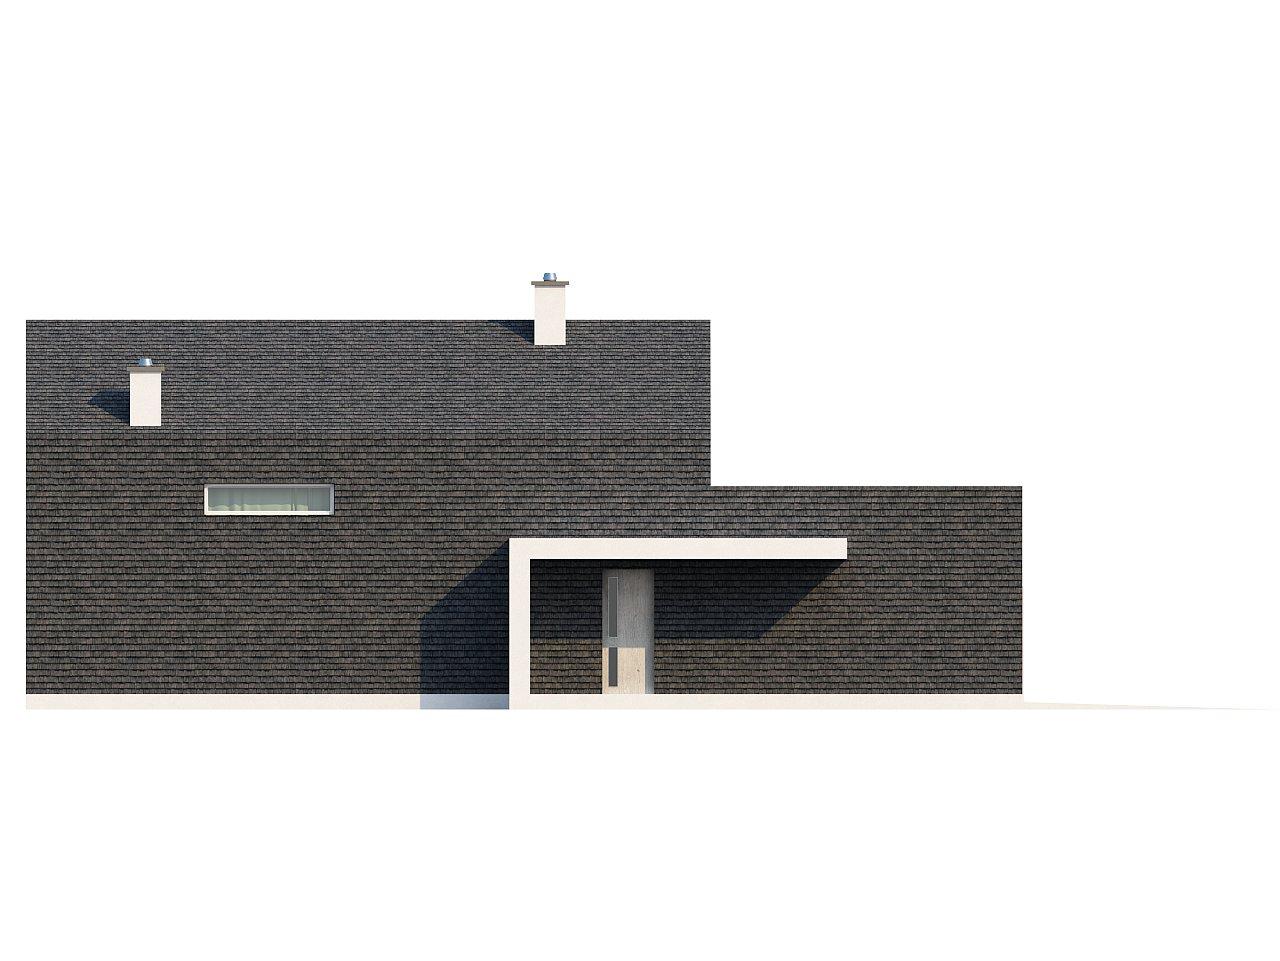 Современный эксклюзивный дом с каменной облицовкой, подходящий для узкого участка. 15